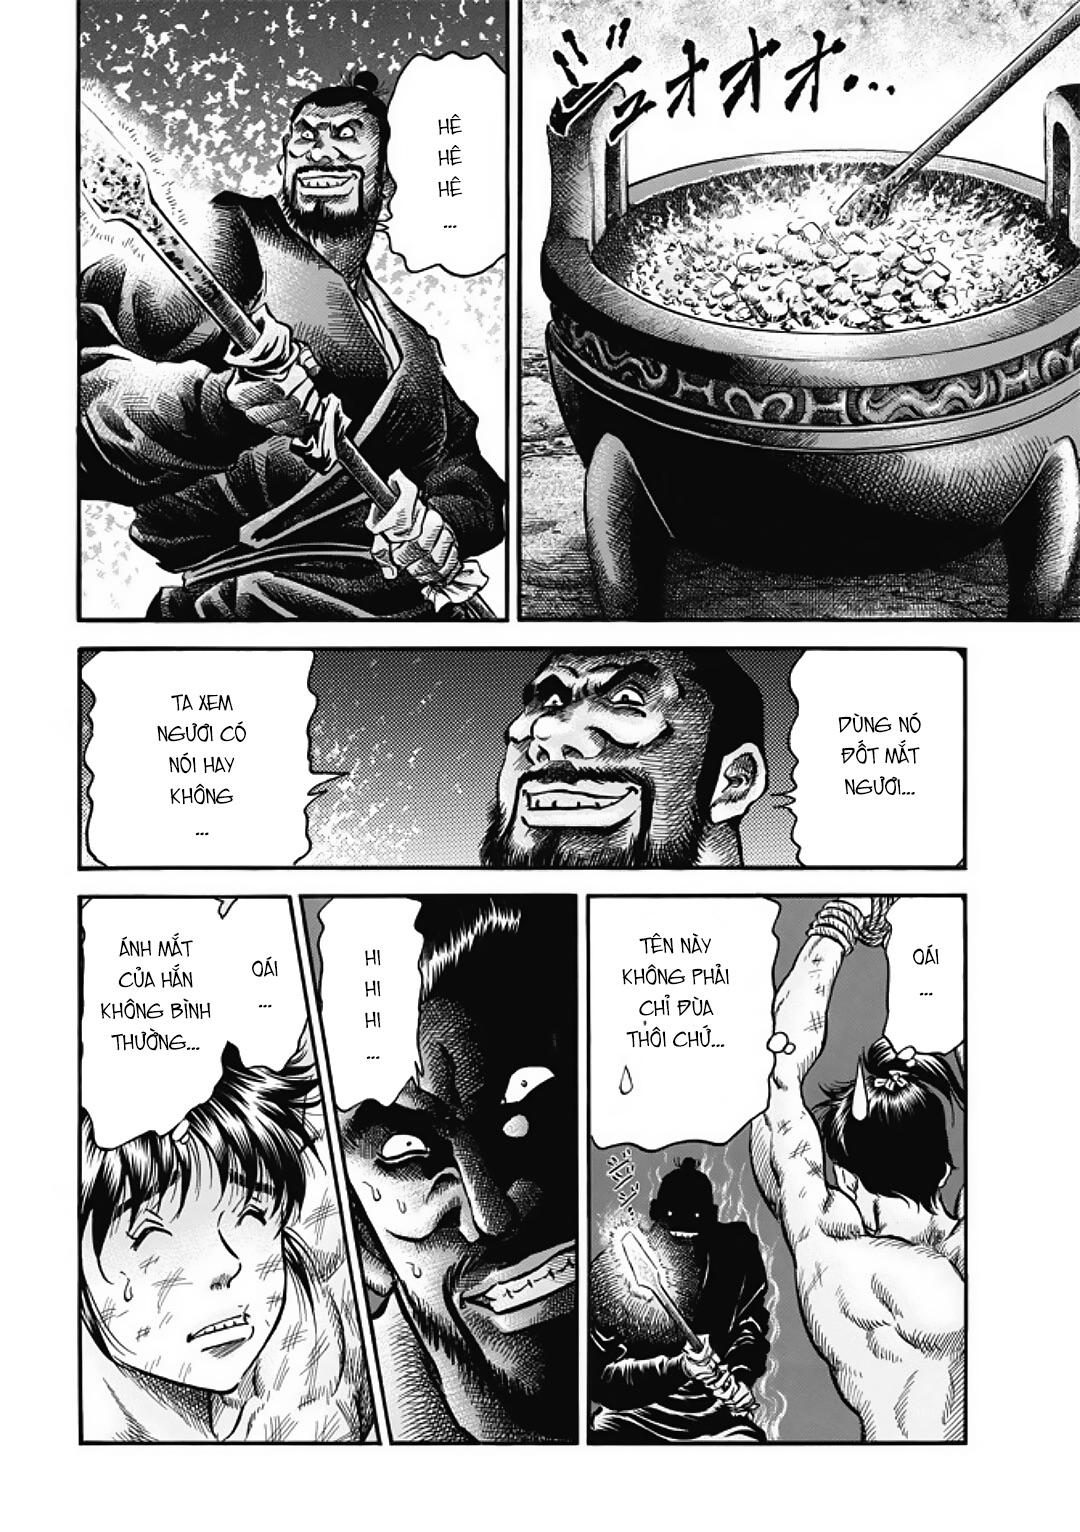 Chú Bé Rồng - Ryuuroden chap 281 - Trang 8